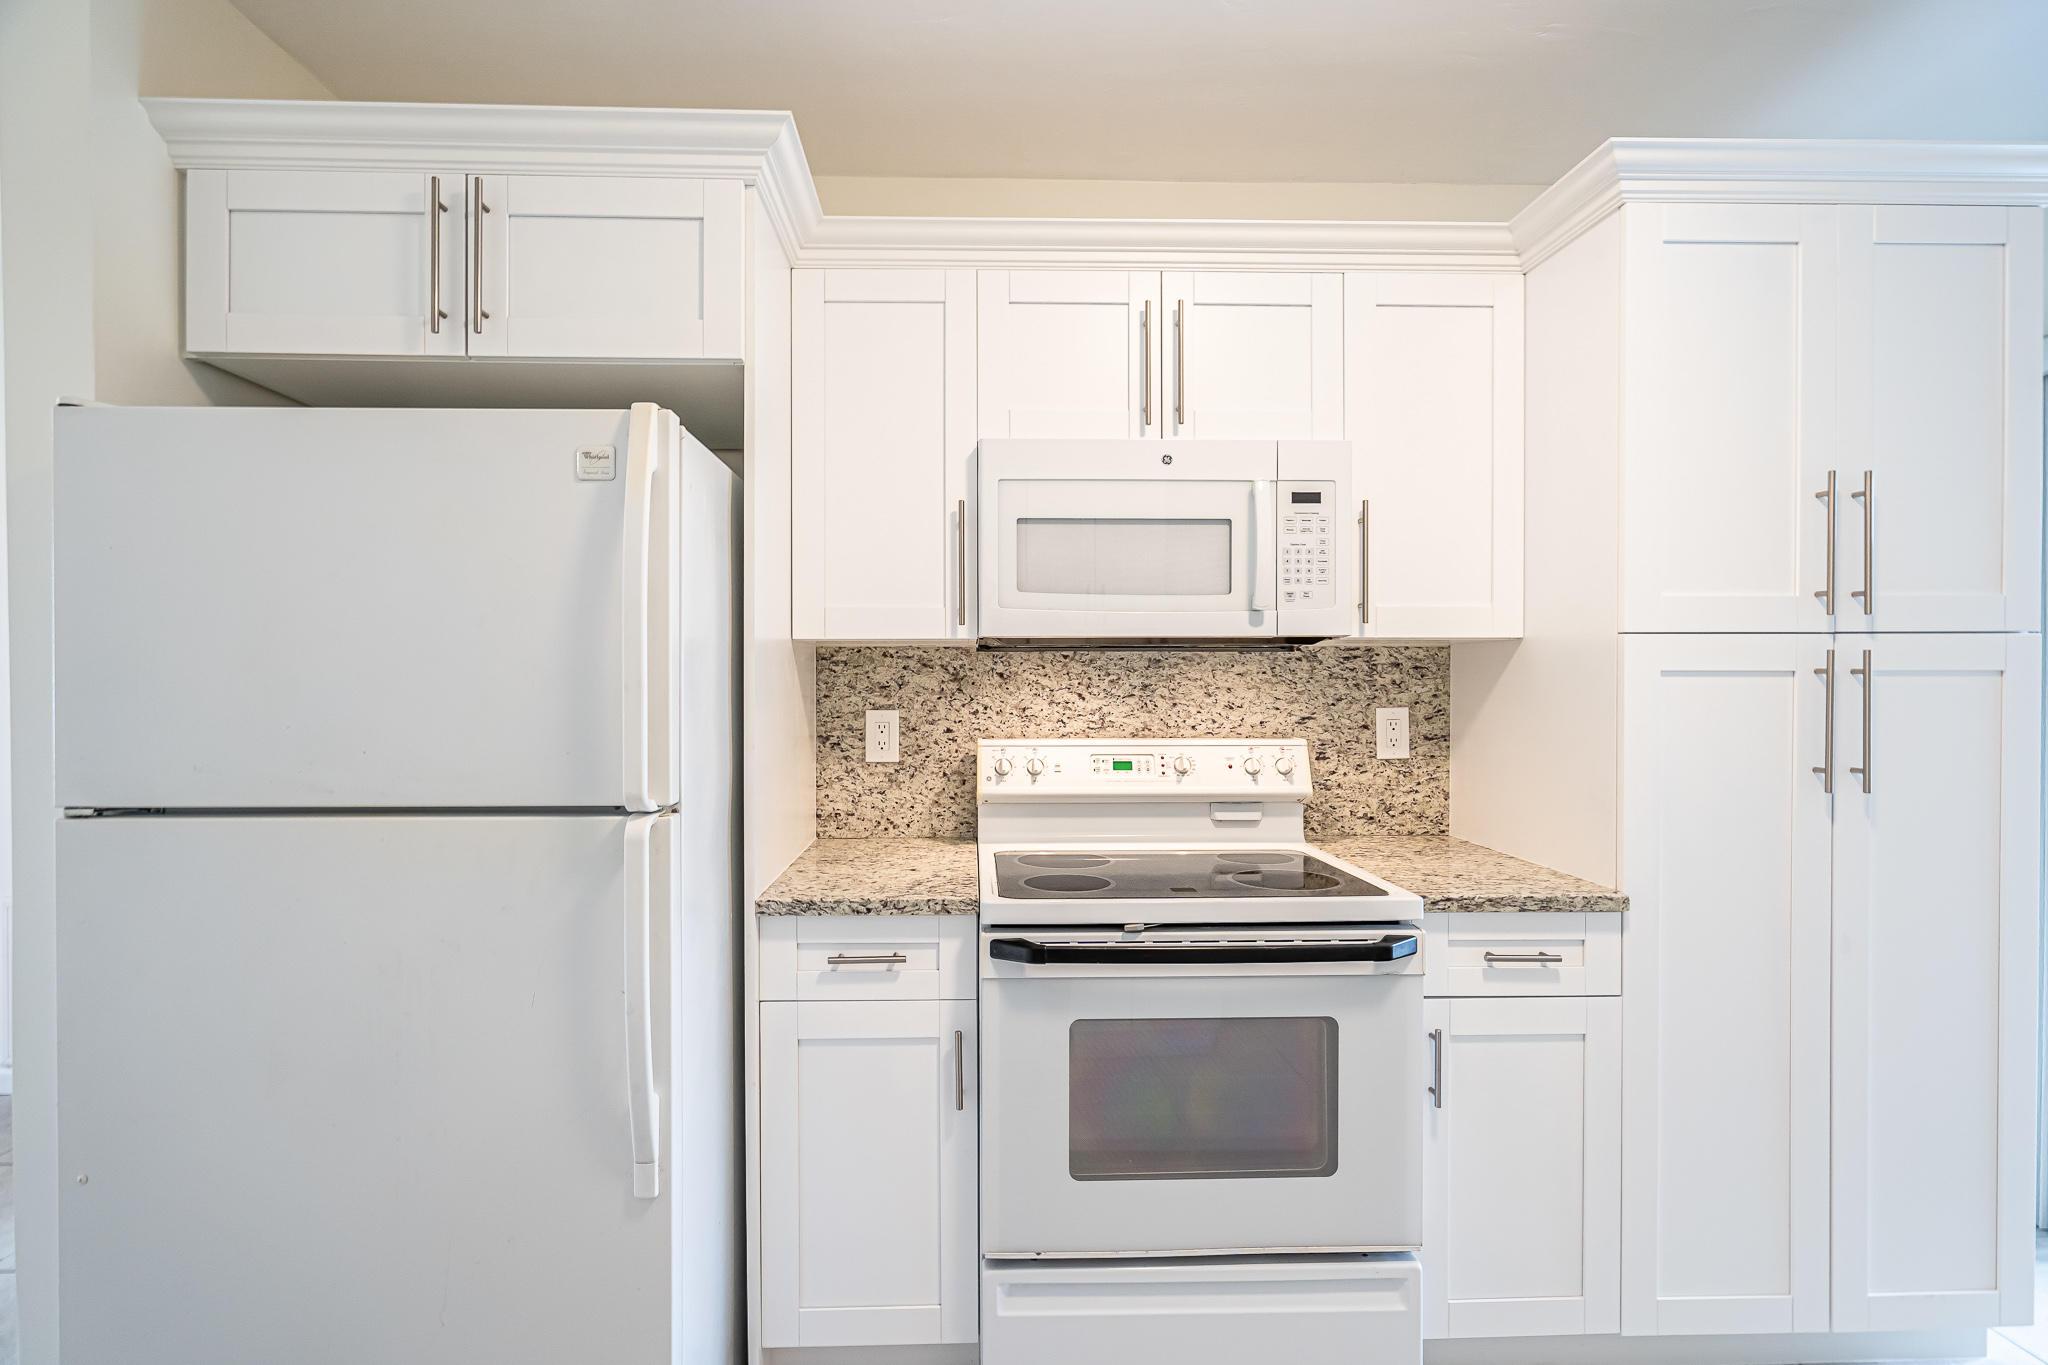 502 Kitchen